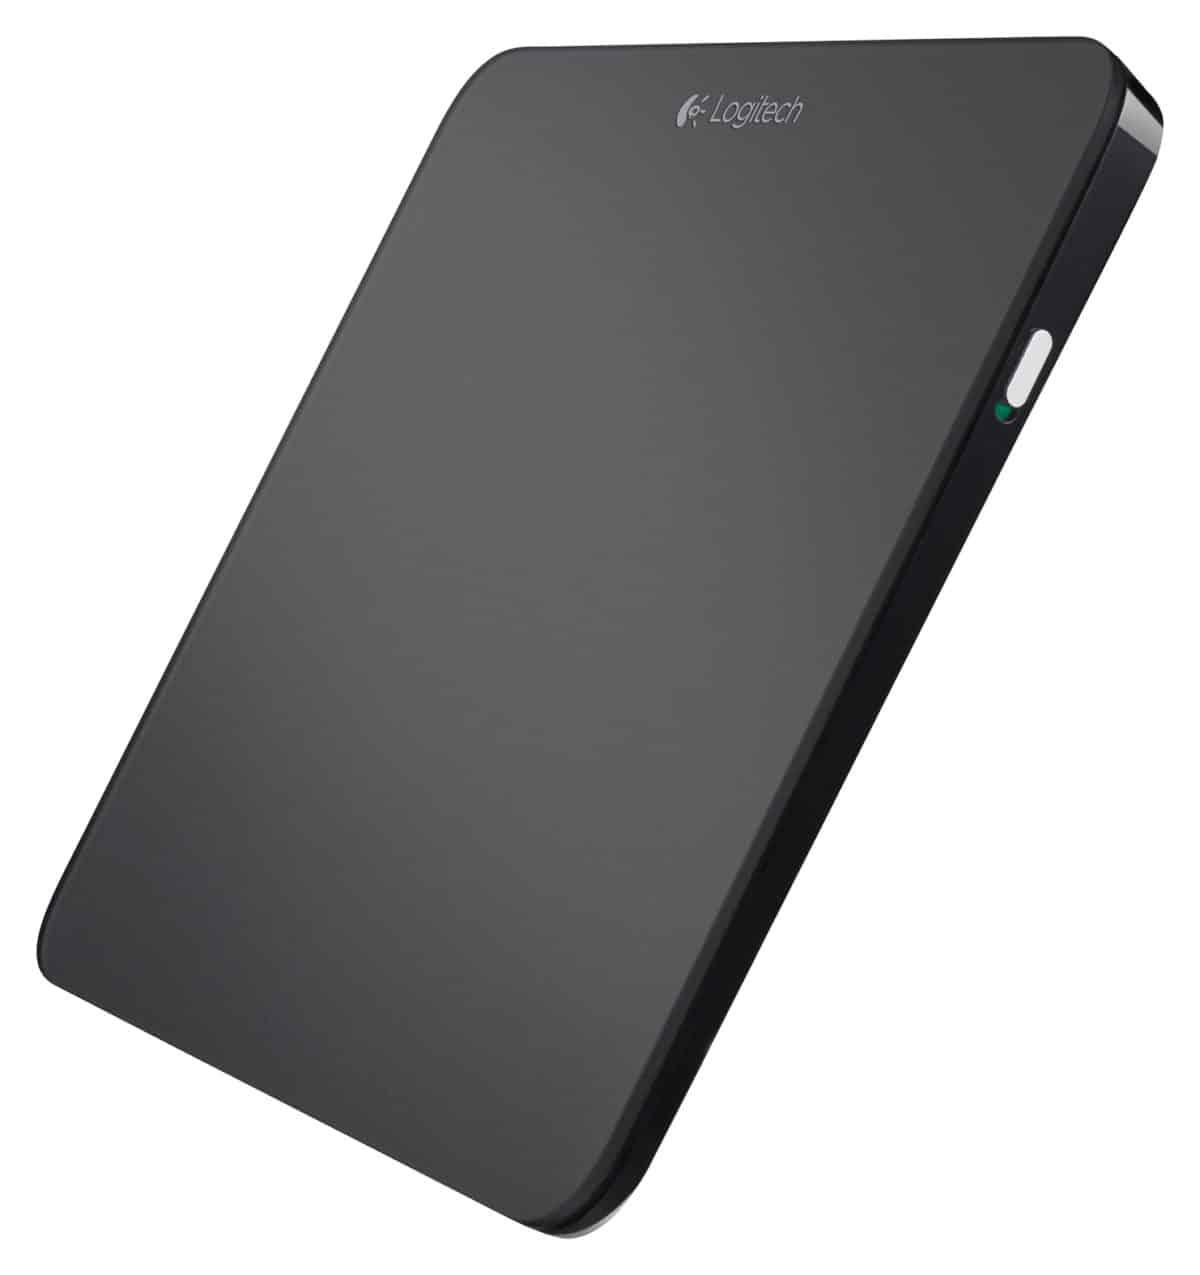 Logitech Wireless Rechargeable Touchpad T650: perfetto per l'interfaccia touch di Windows 8